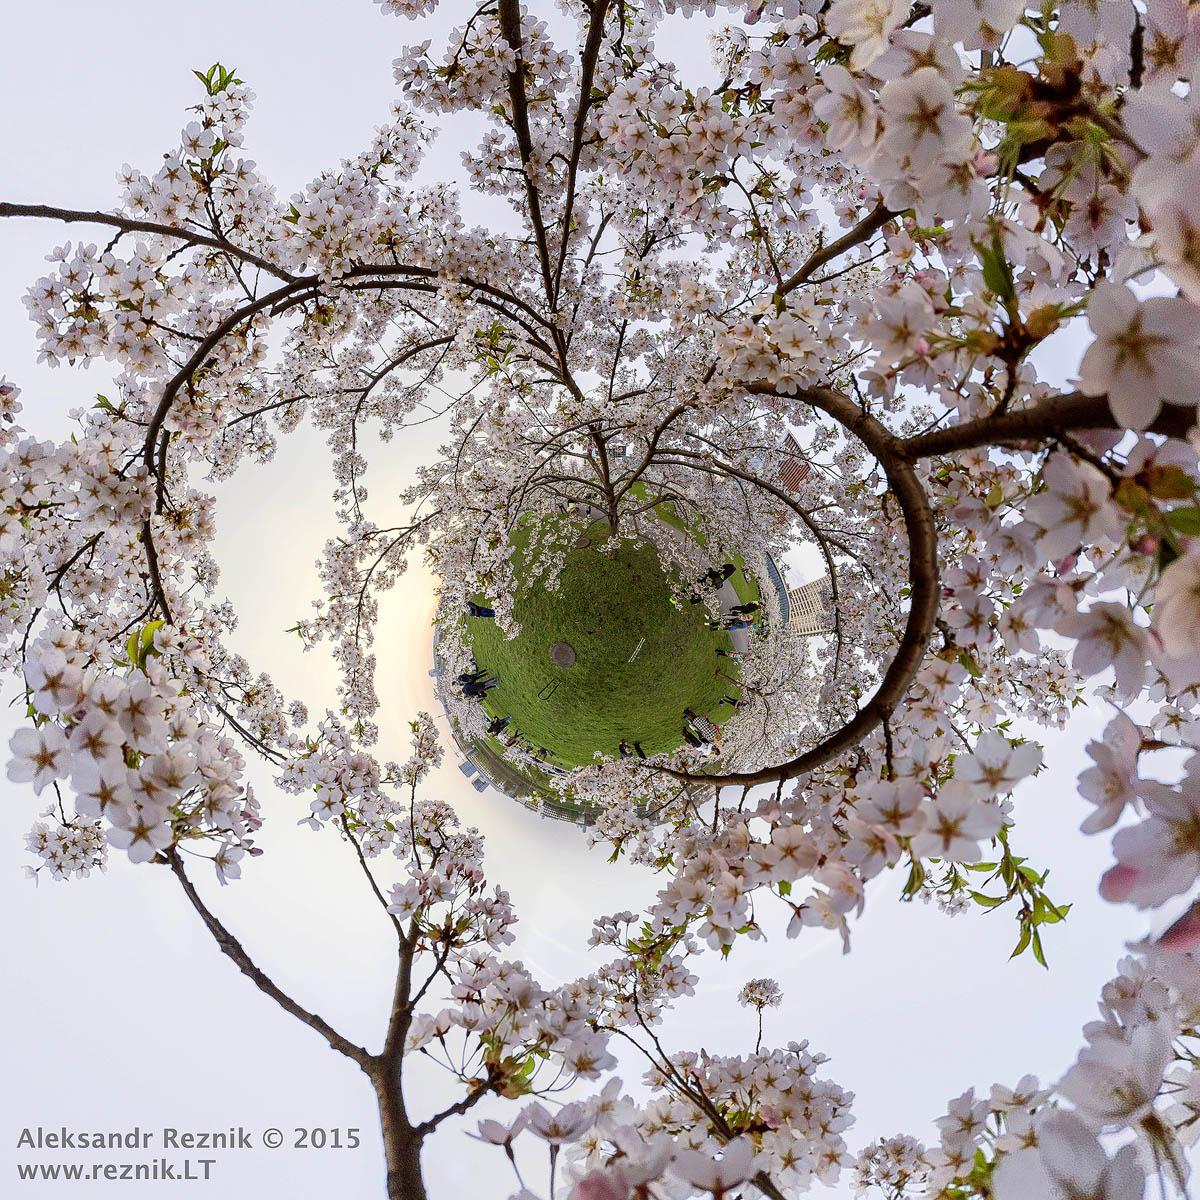 Sakura blossom in Vilnius